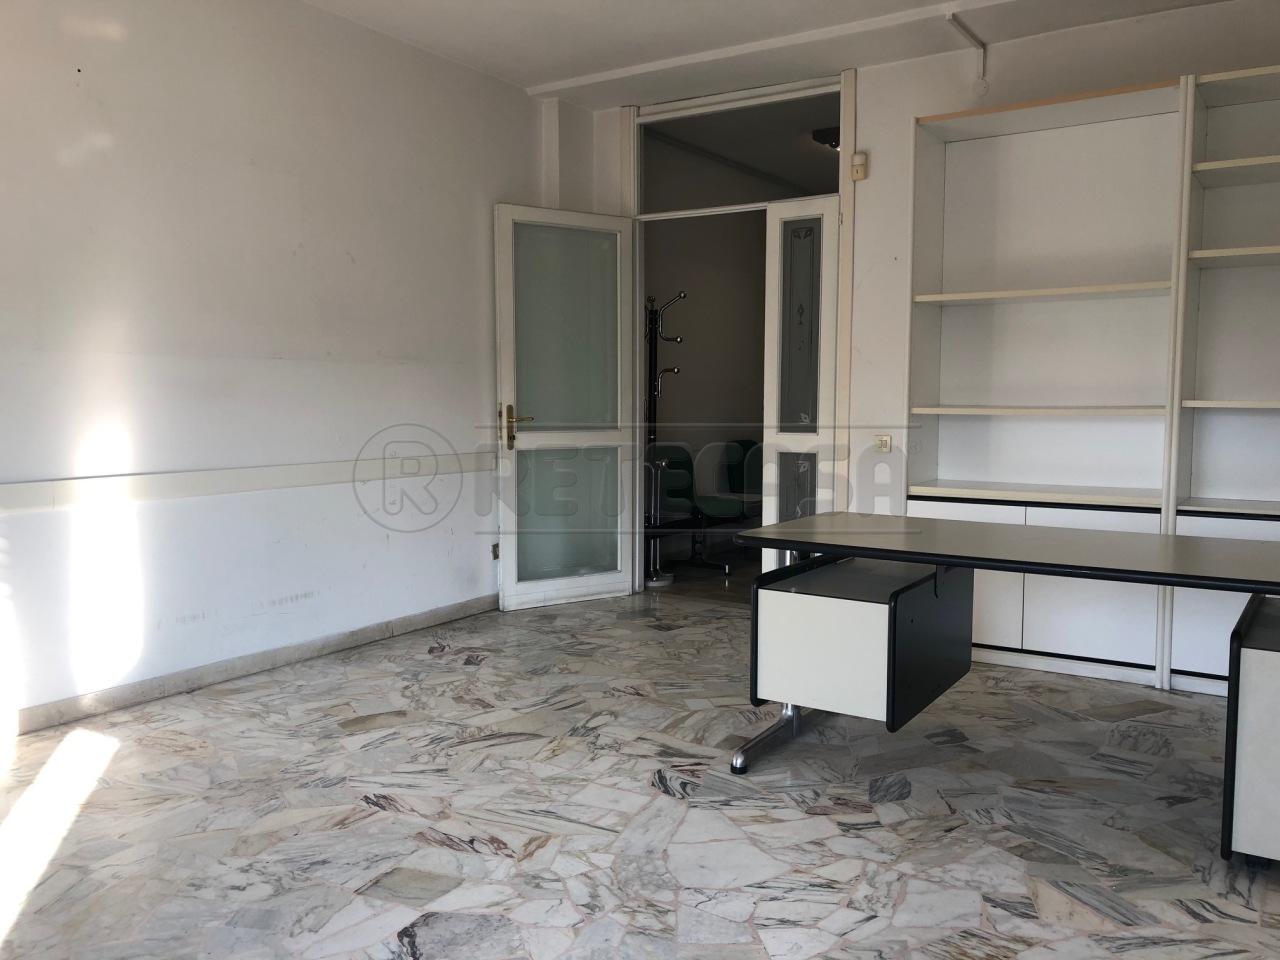 Direzionale - Ufficio a BASSANO ovest, Bassano del Grappa Rif. 12282959